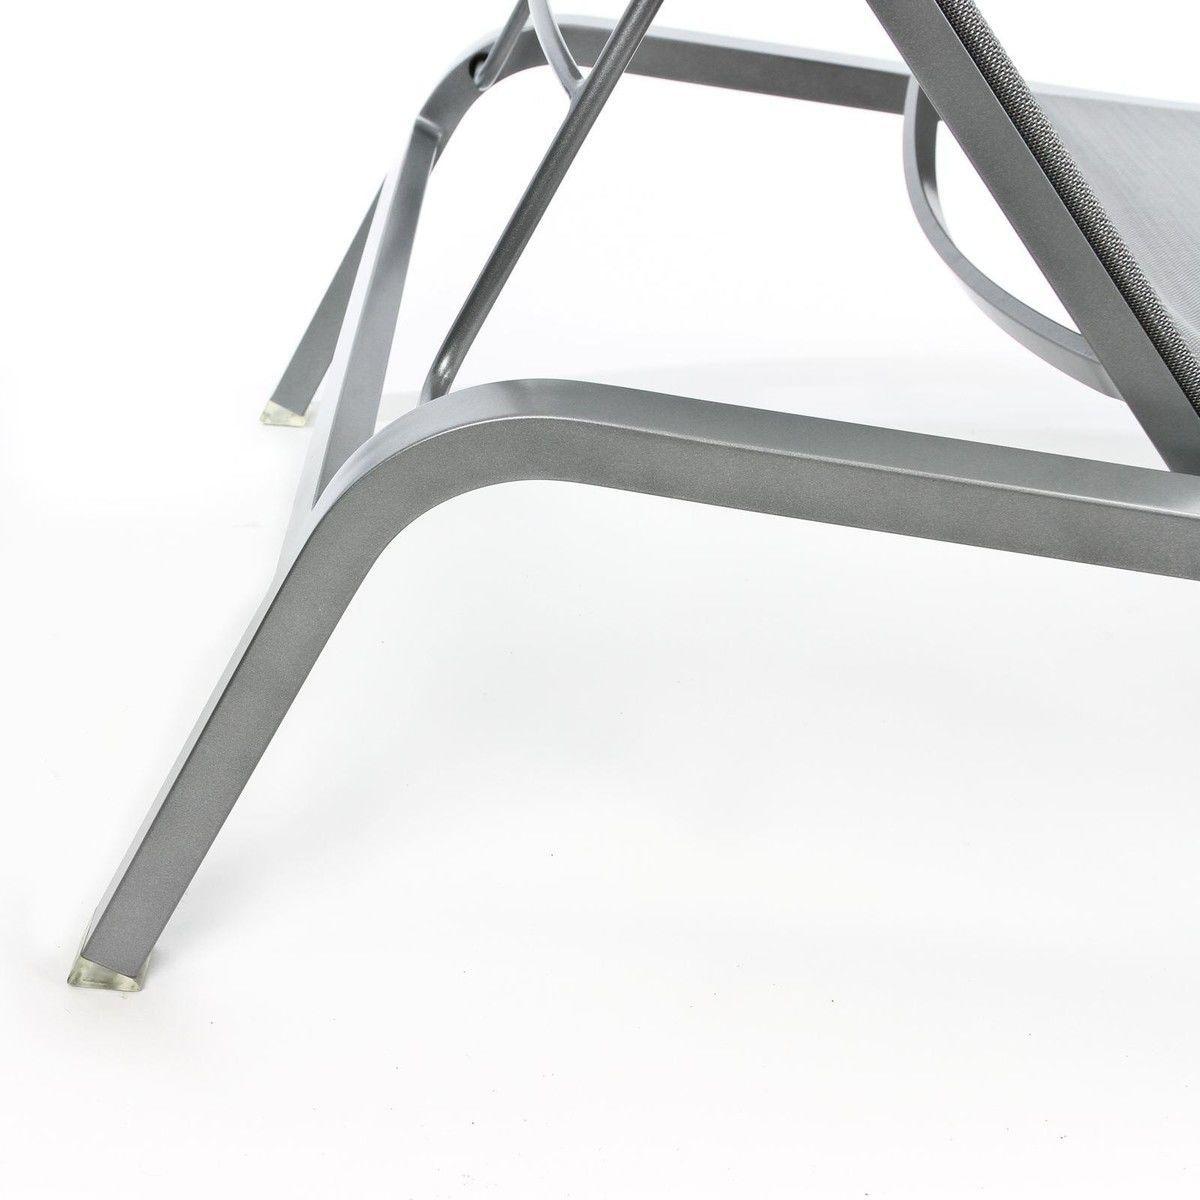 sonnenliege bauhaus couchtisch bauhaus design aus. Black Bedroom Furniture Sets. Home Design Ideas